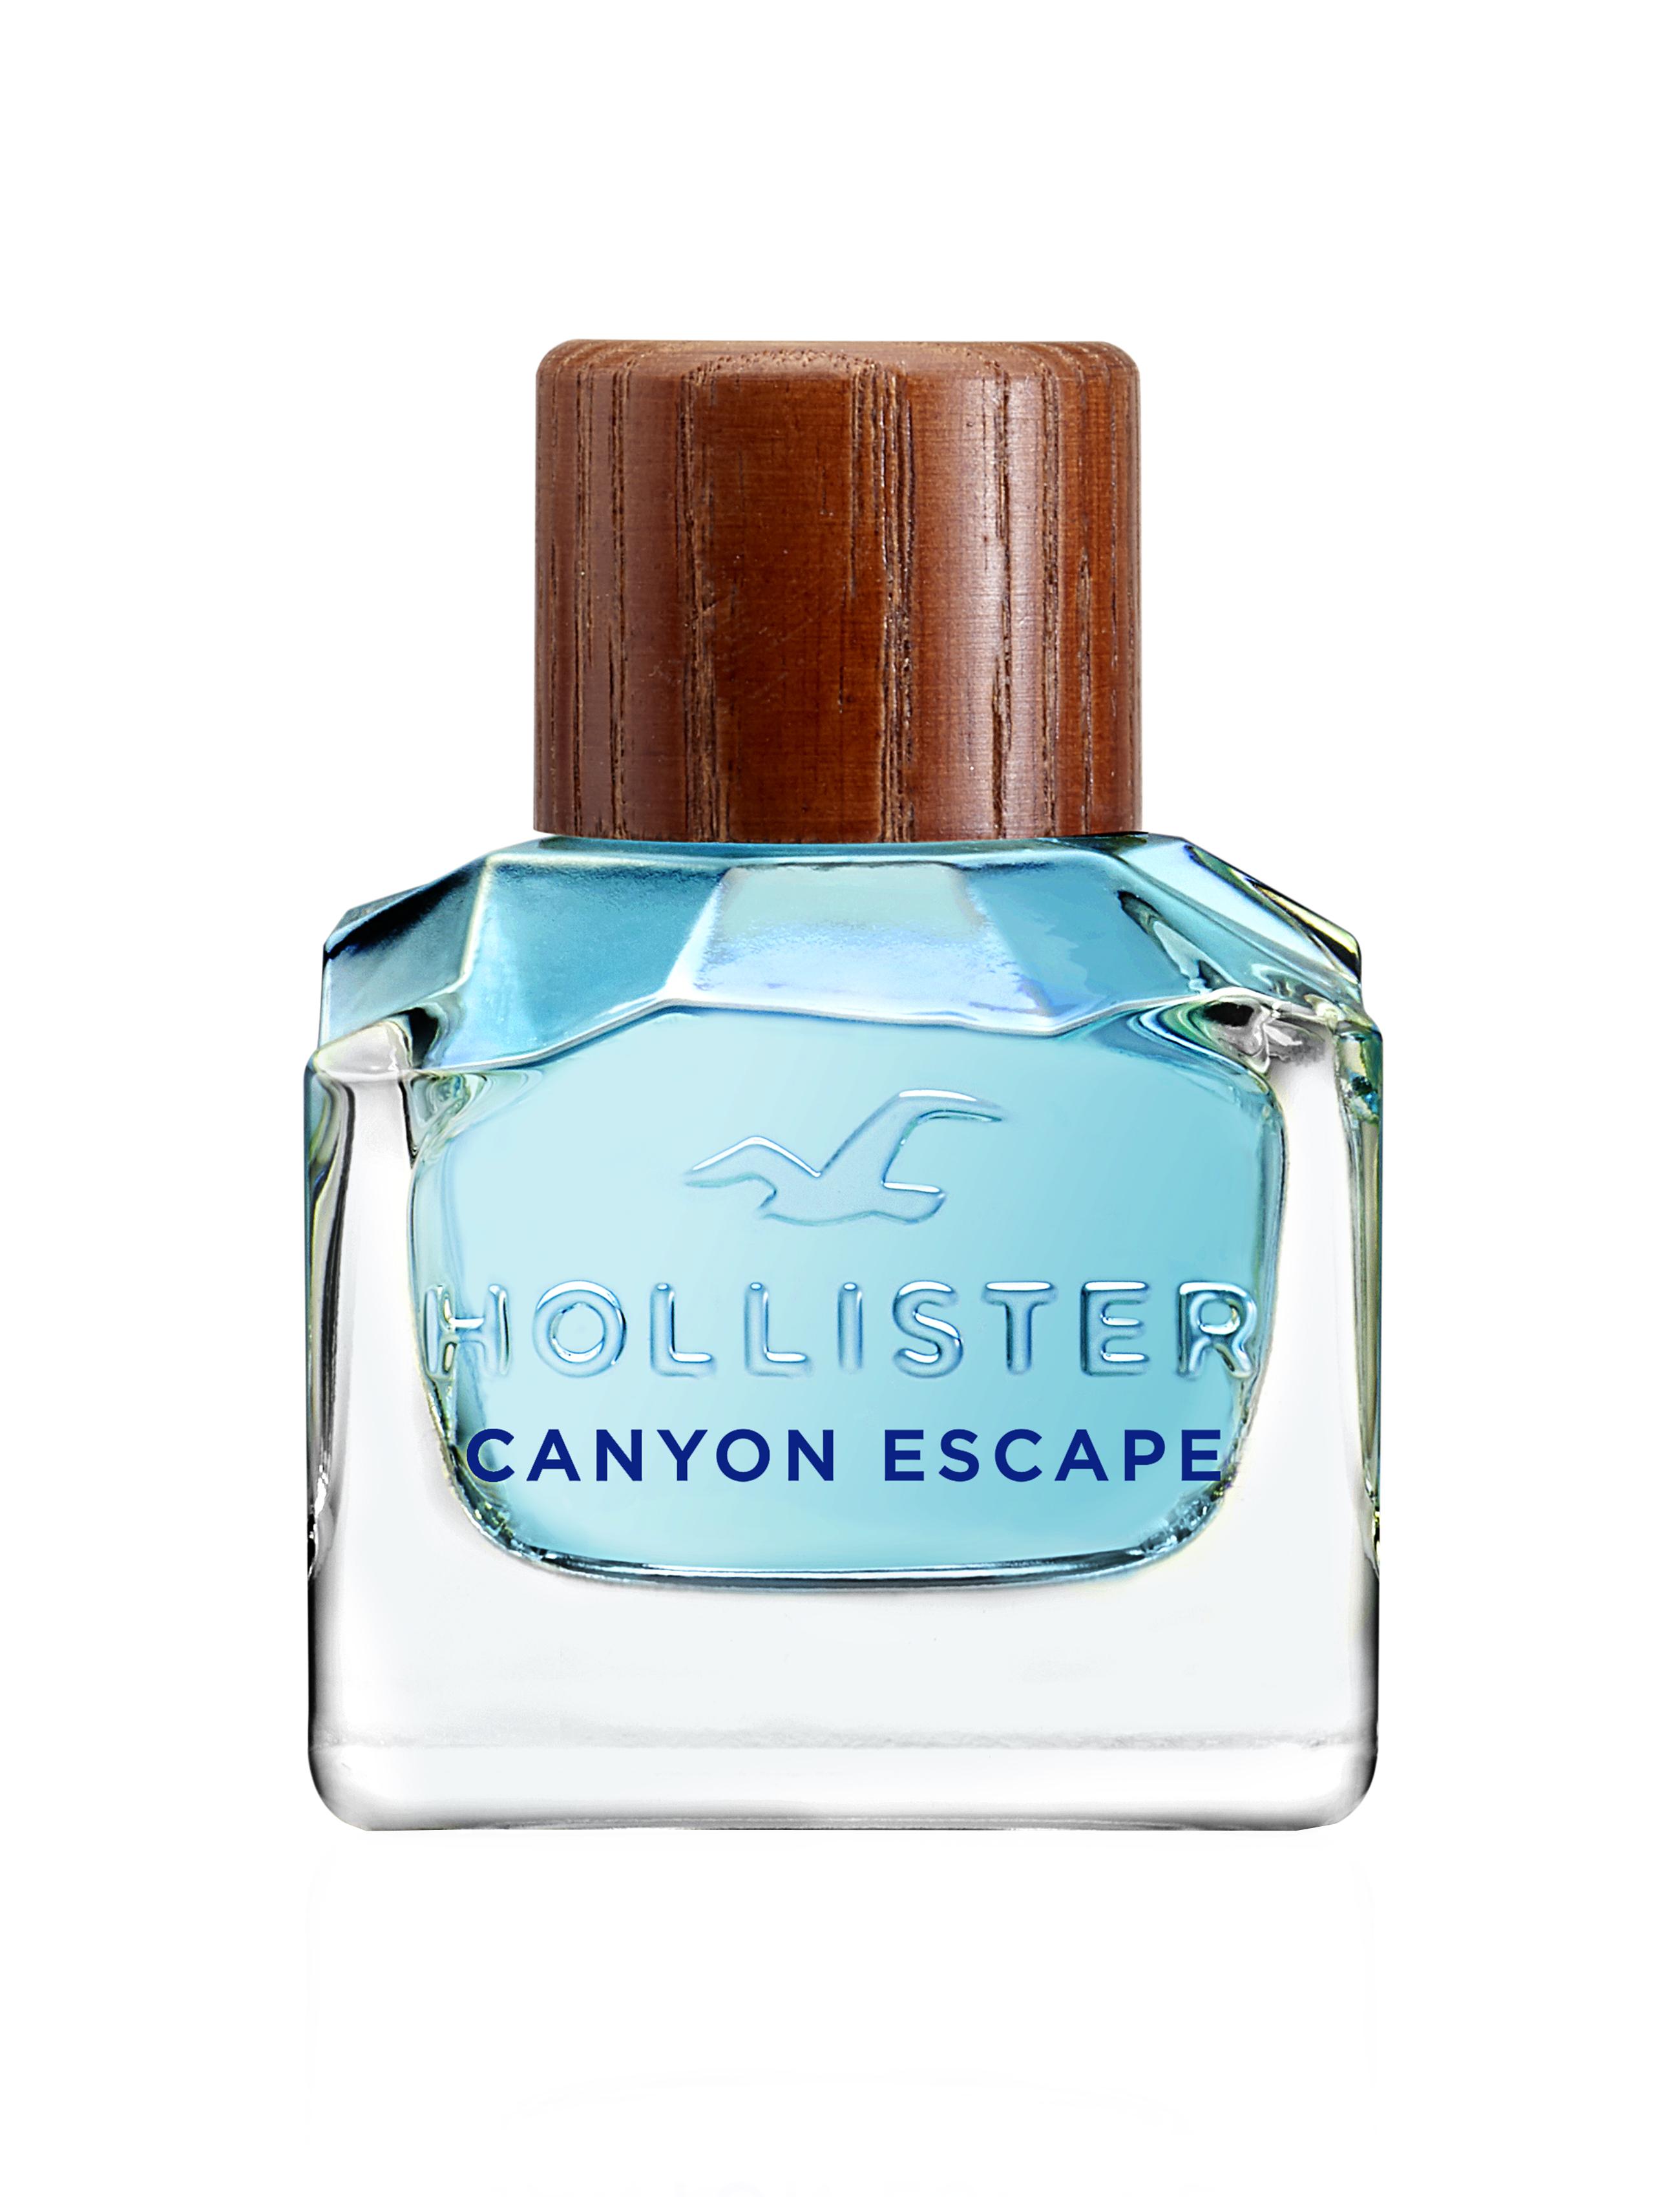 Hollister Canyon Escape Him EDT, 50 ml